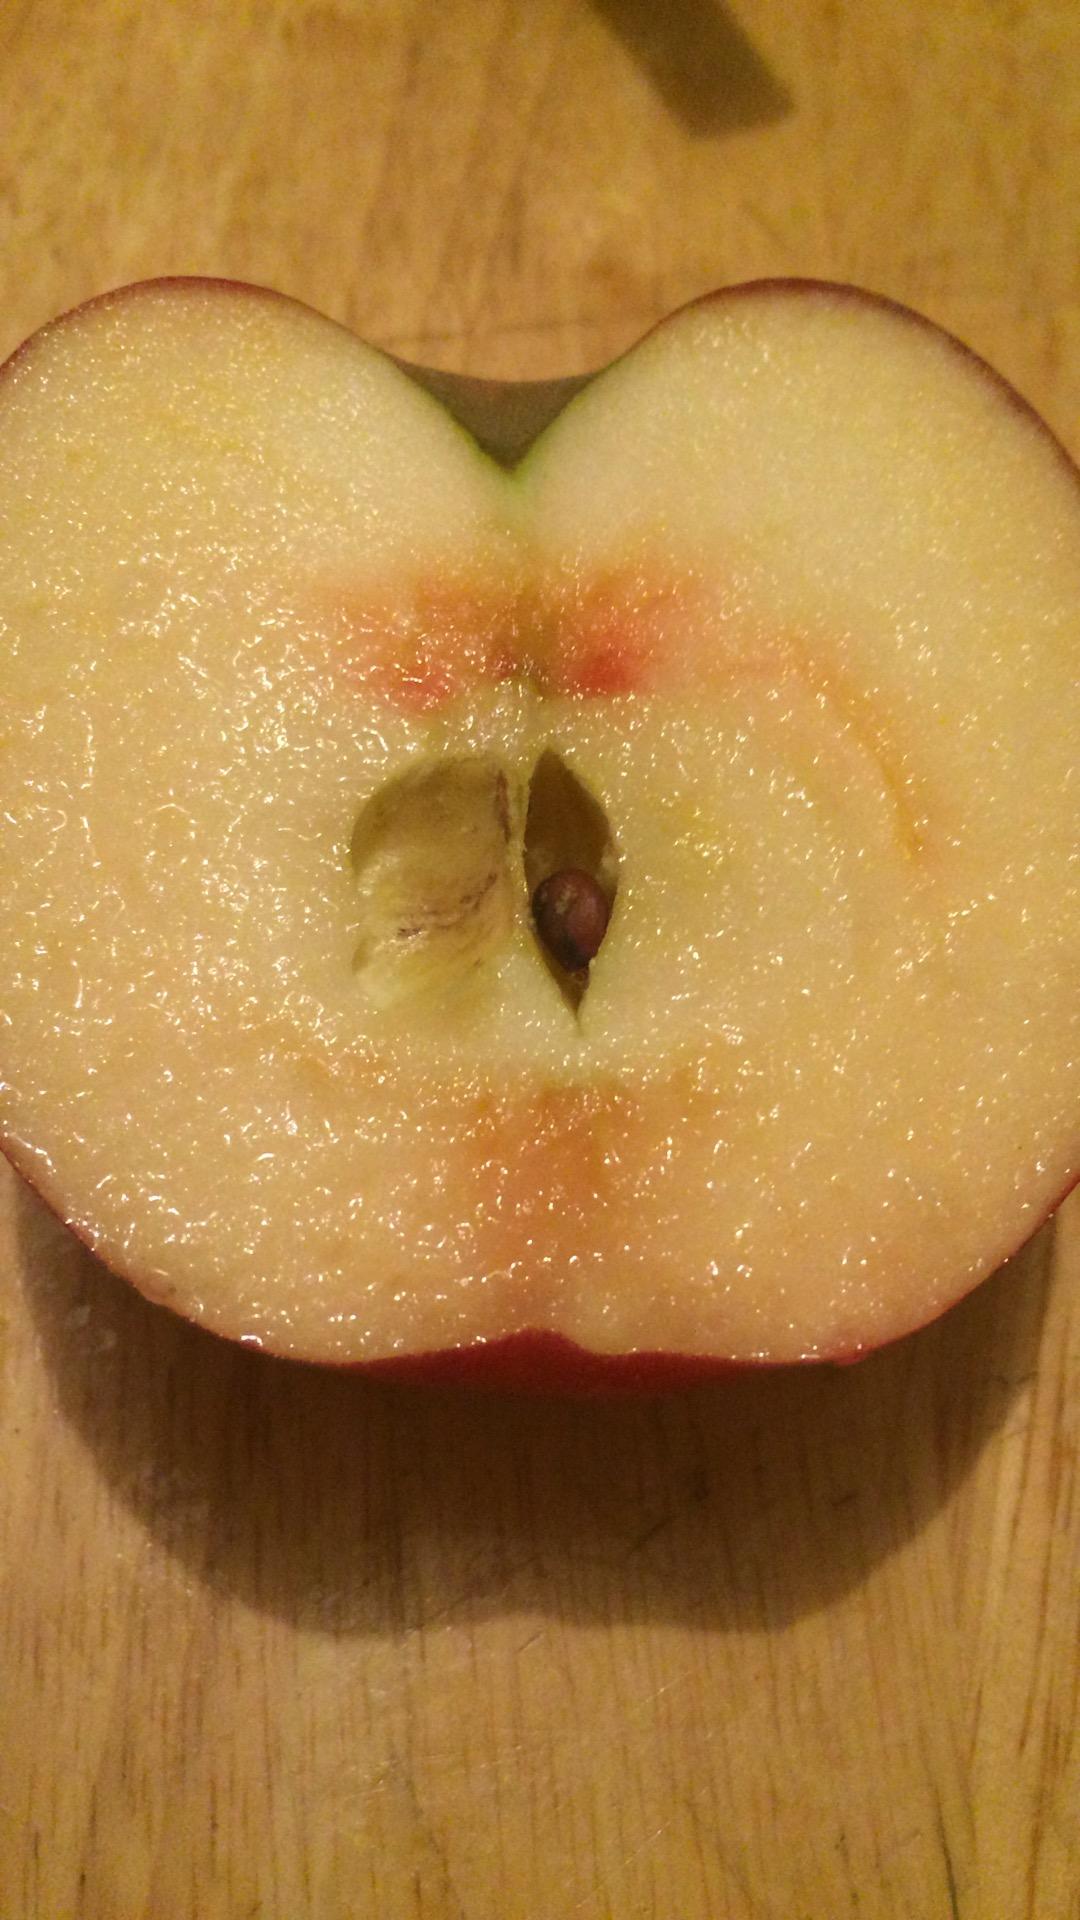 りんごが赤いよ…?